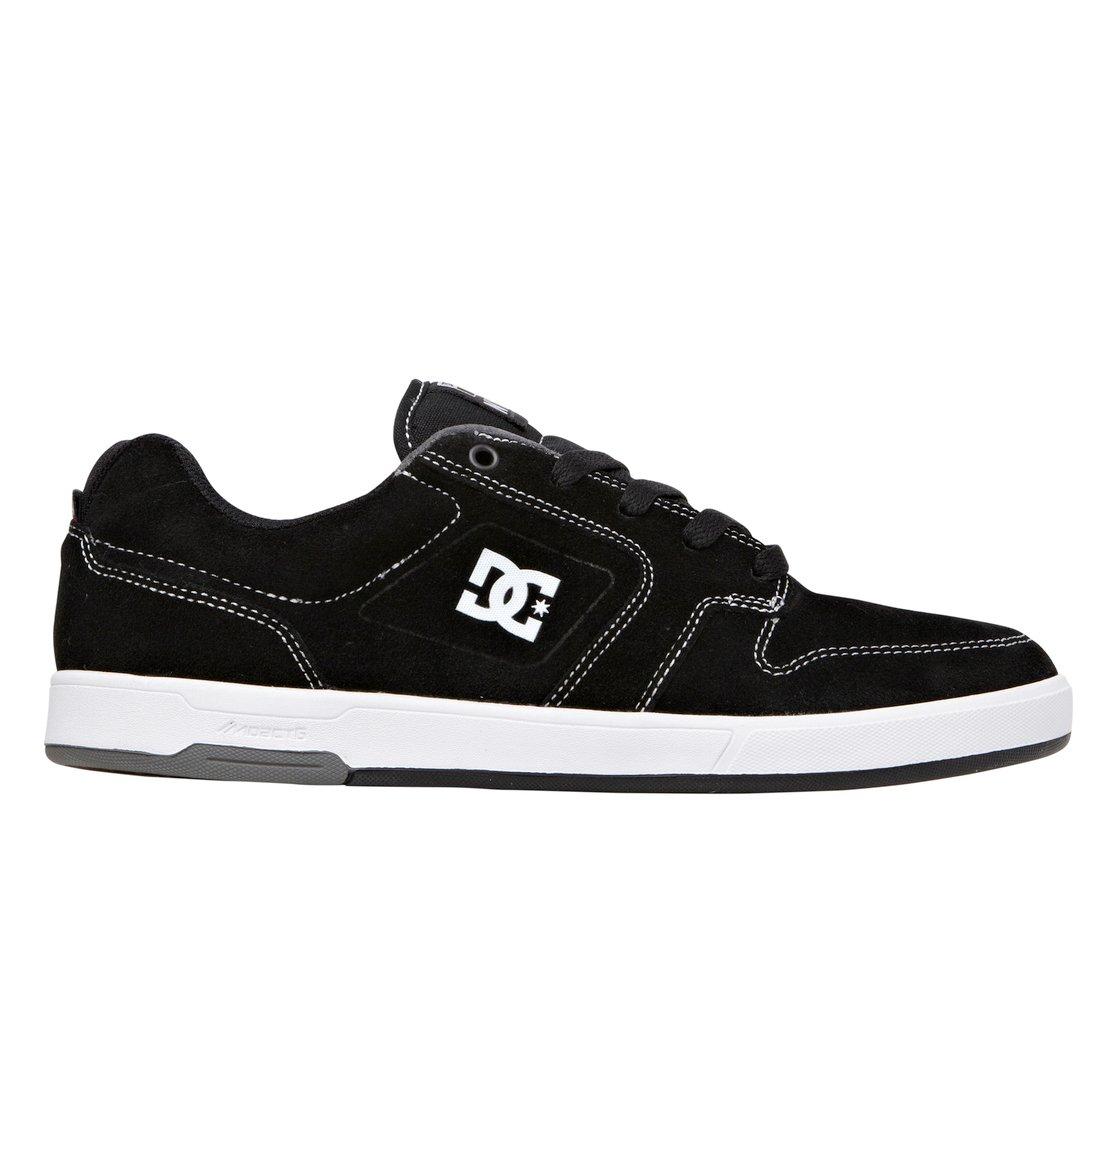 58e160ab9b 0 Nyjah S 320360 DC Shoes